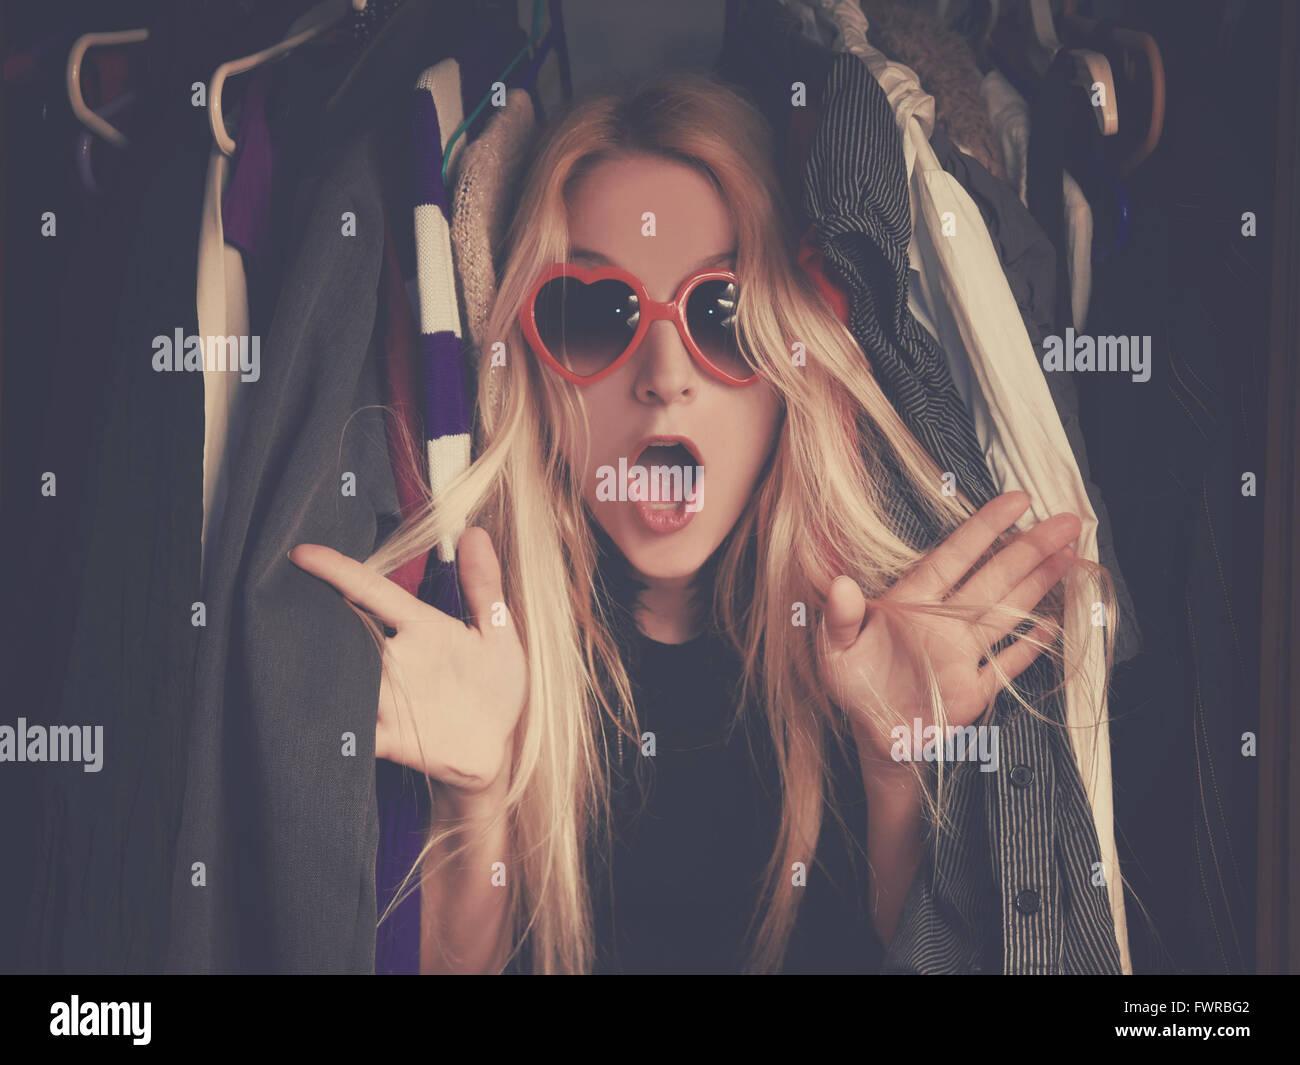 Una donna è sommerso in un armadio di vestiti sporchi con bicchieri rossi per uno stile o un concetto di moda. Immagini Stock